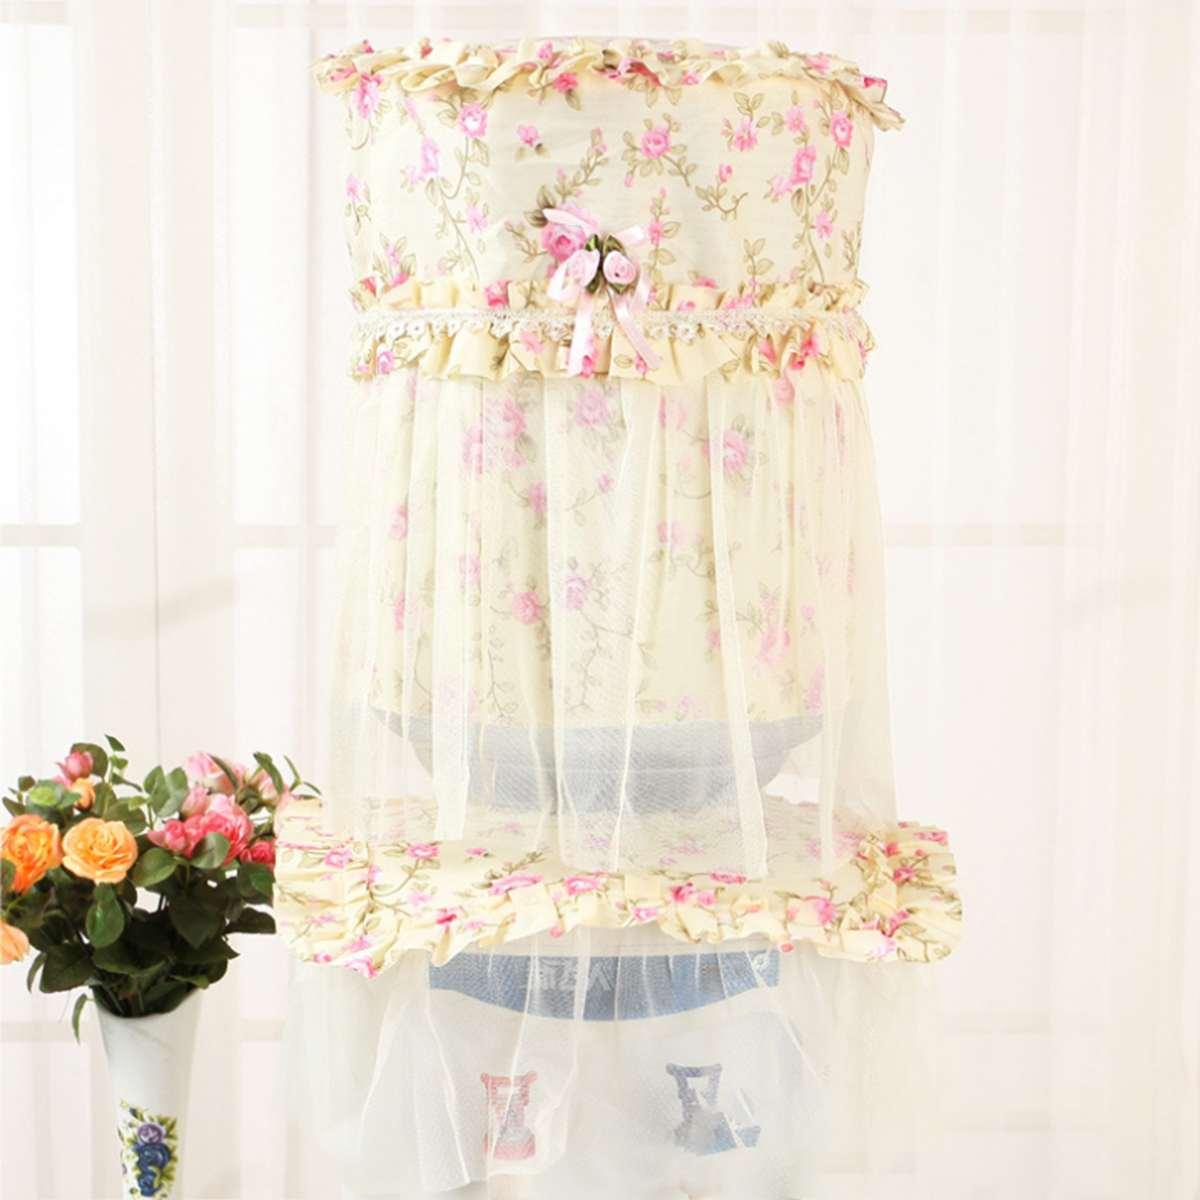 2pcs/set Bucket Purifier Tools Water Dispenser Flower Shape Home Accessories Cotton Dust Cover Lace